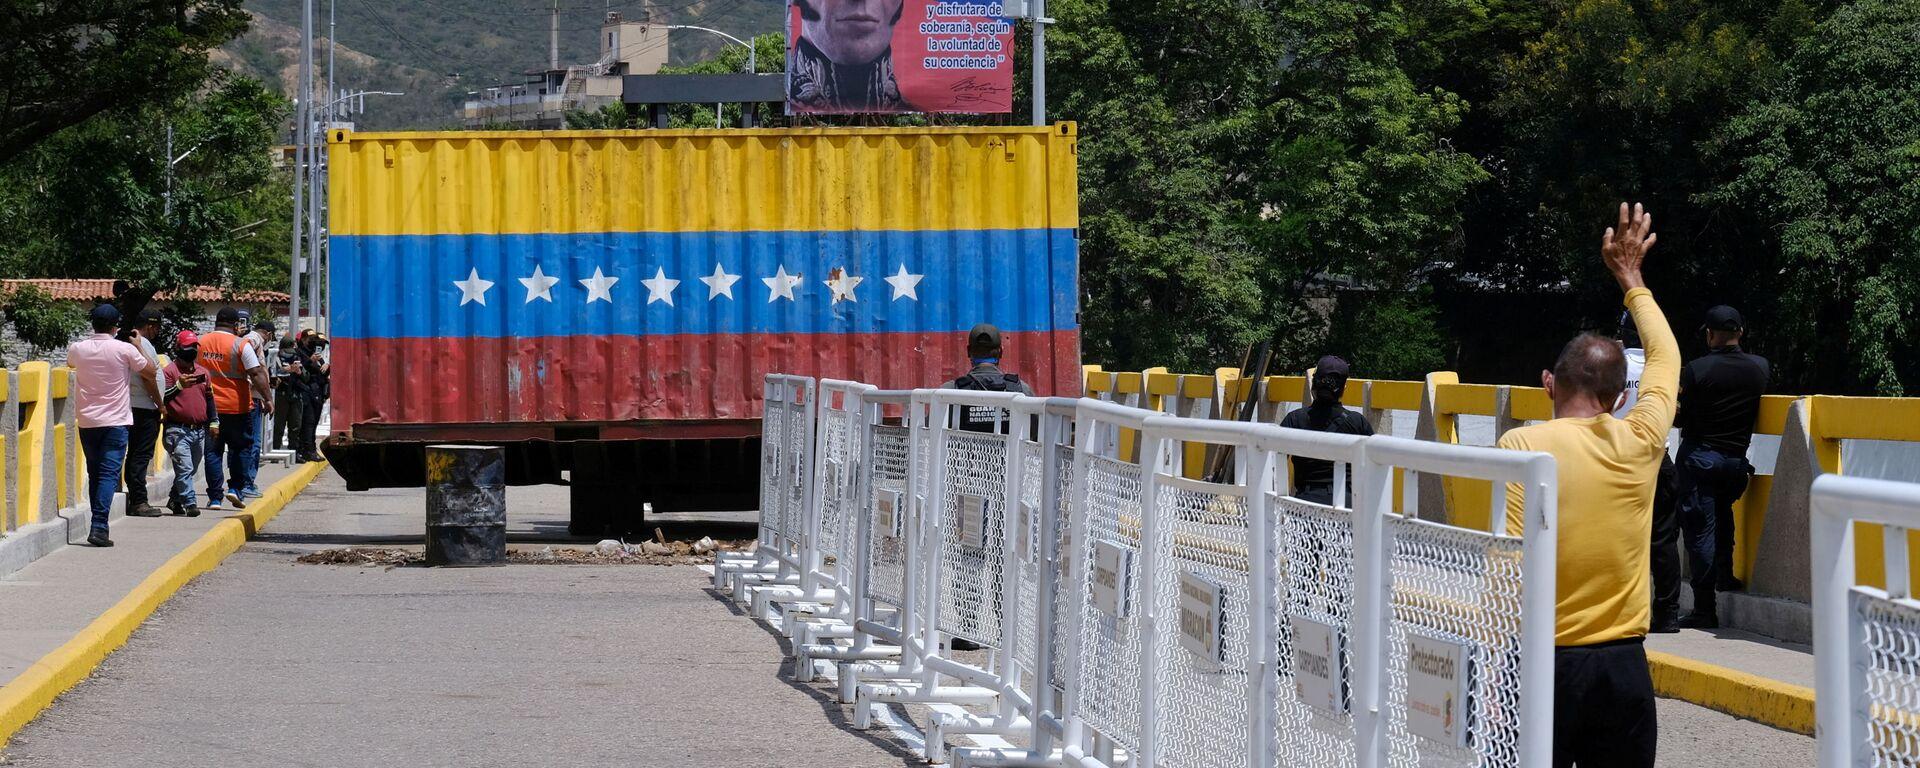 Перенос контейнера на открывшейся границе между Венесуэлой и Колумбией  - Sputnik Mundo, 1920, 05.10.2021